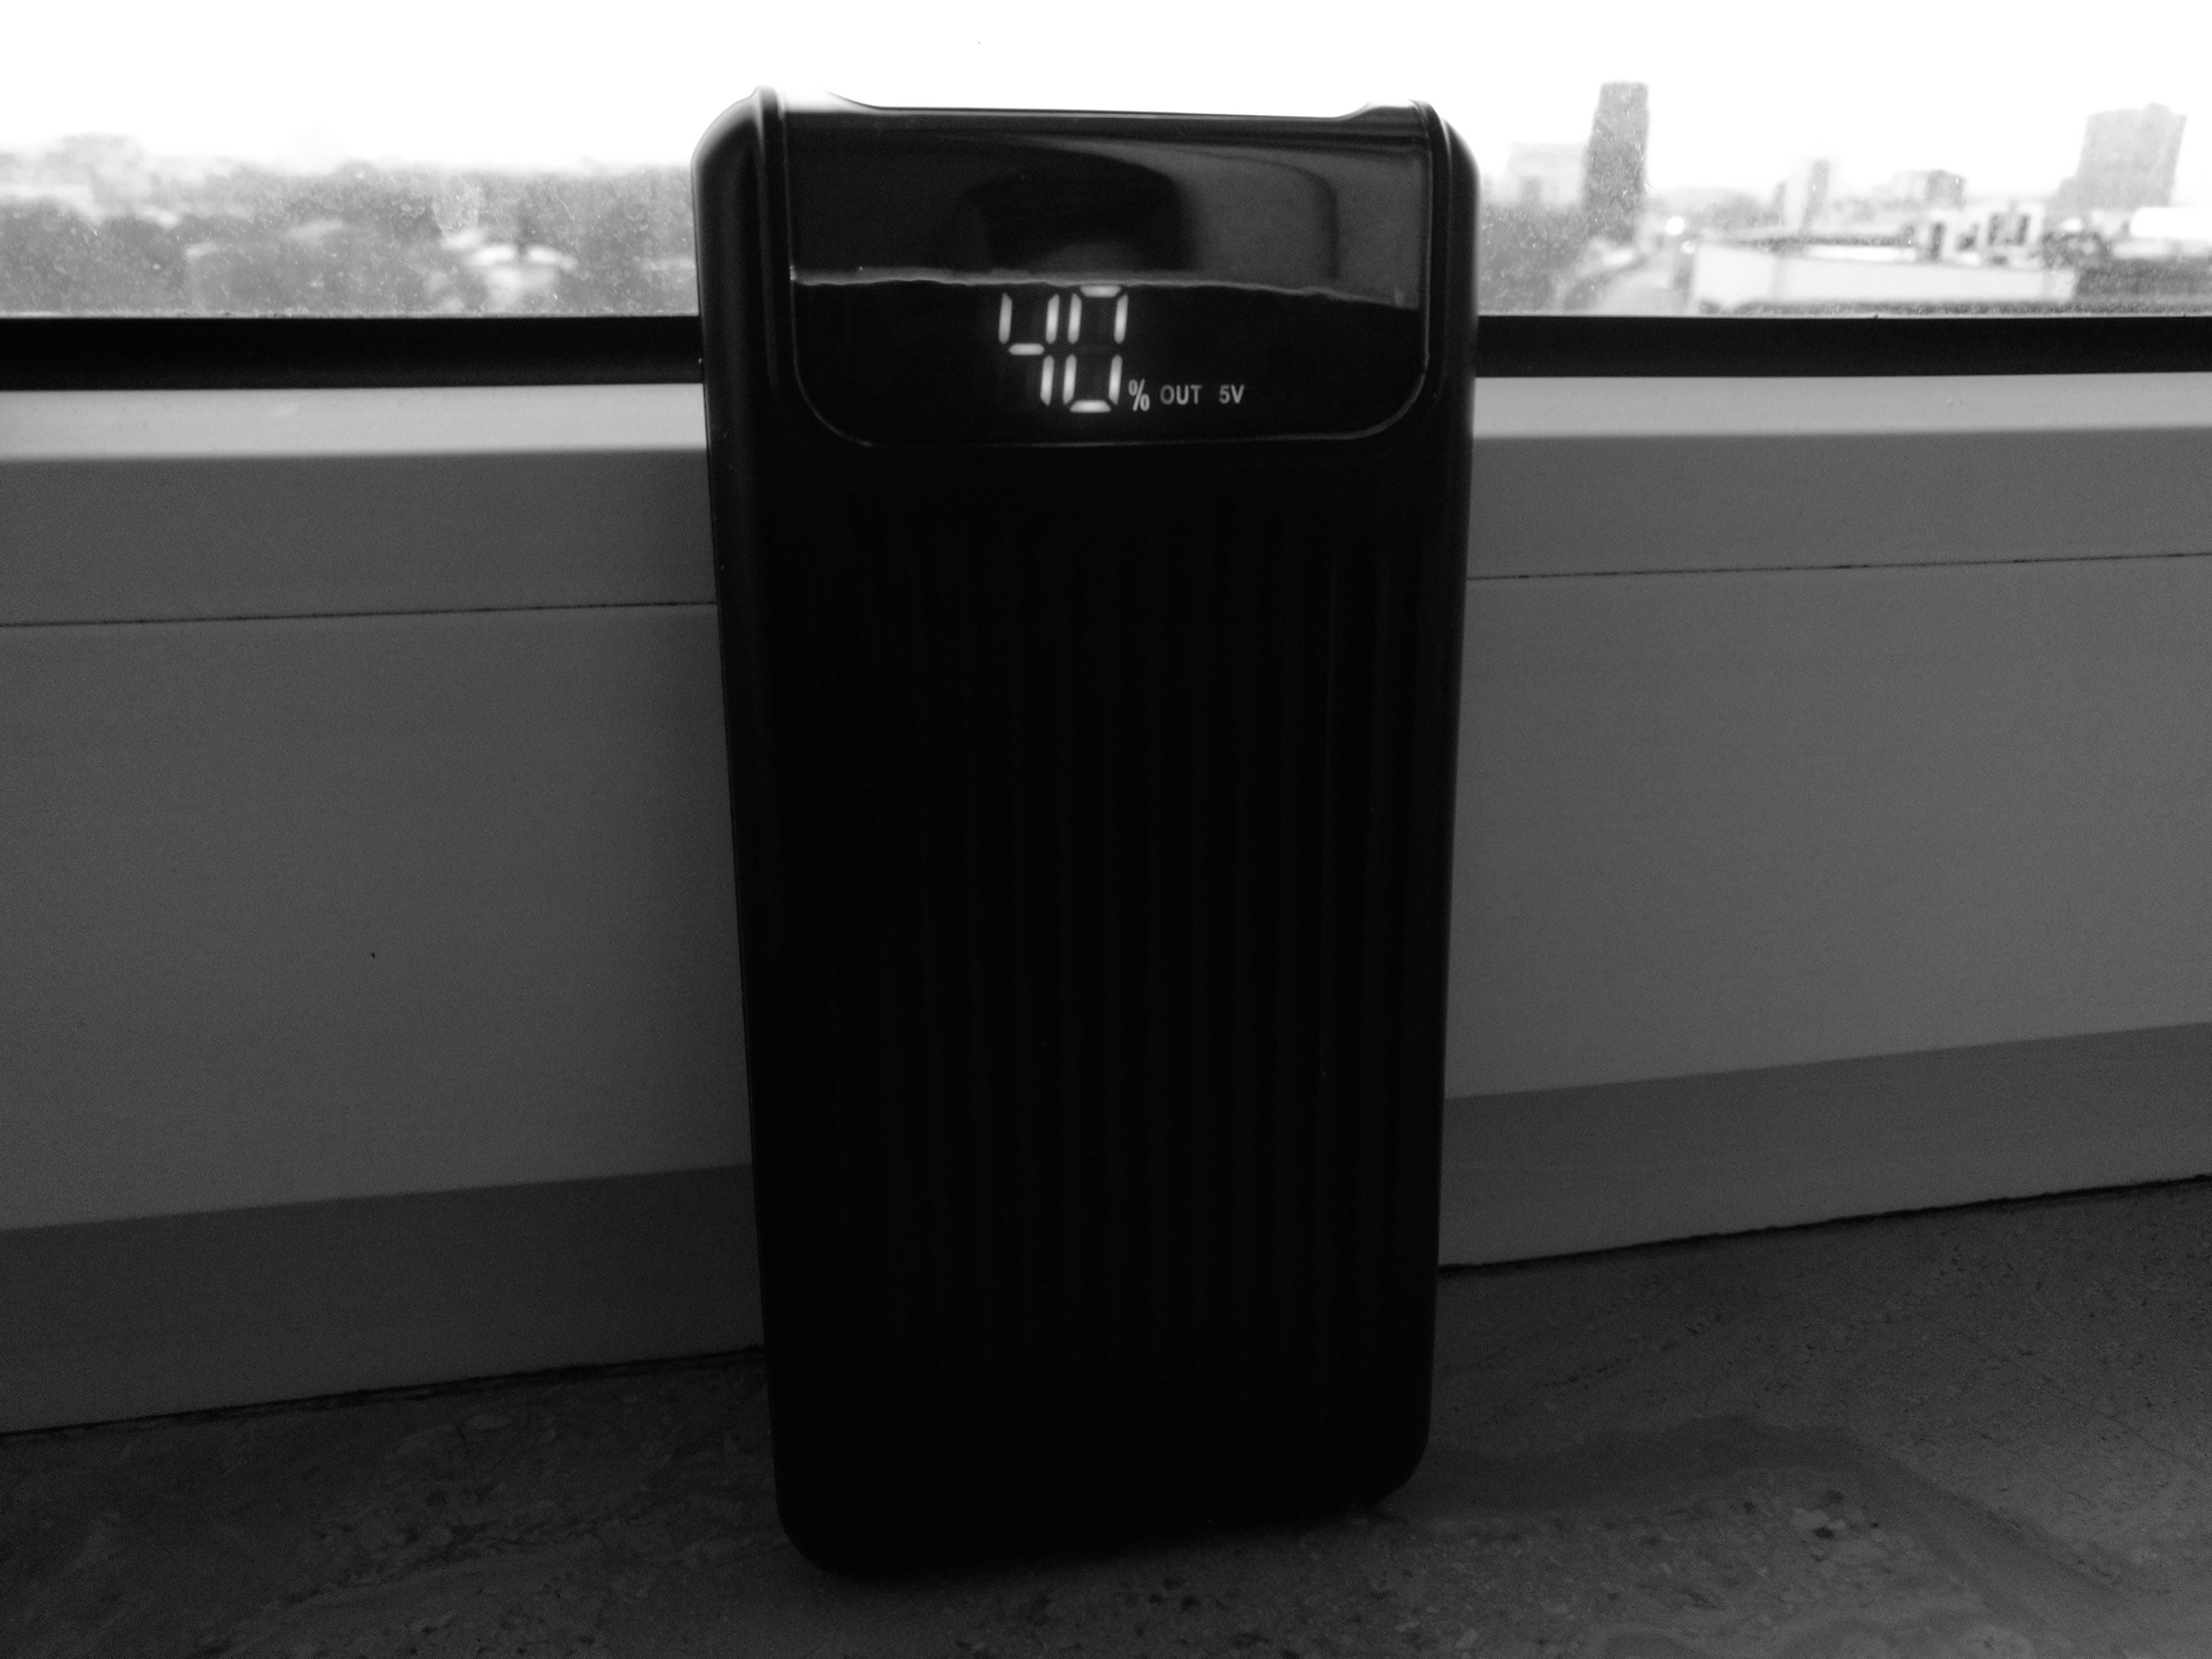 Recenzja powerbanku Baseus 10000 mAh z Quick Charge. Ciekawa alternatywa dla akcesoriów Xiaomi 23